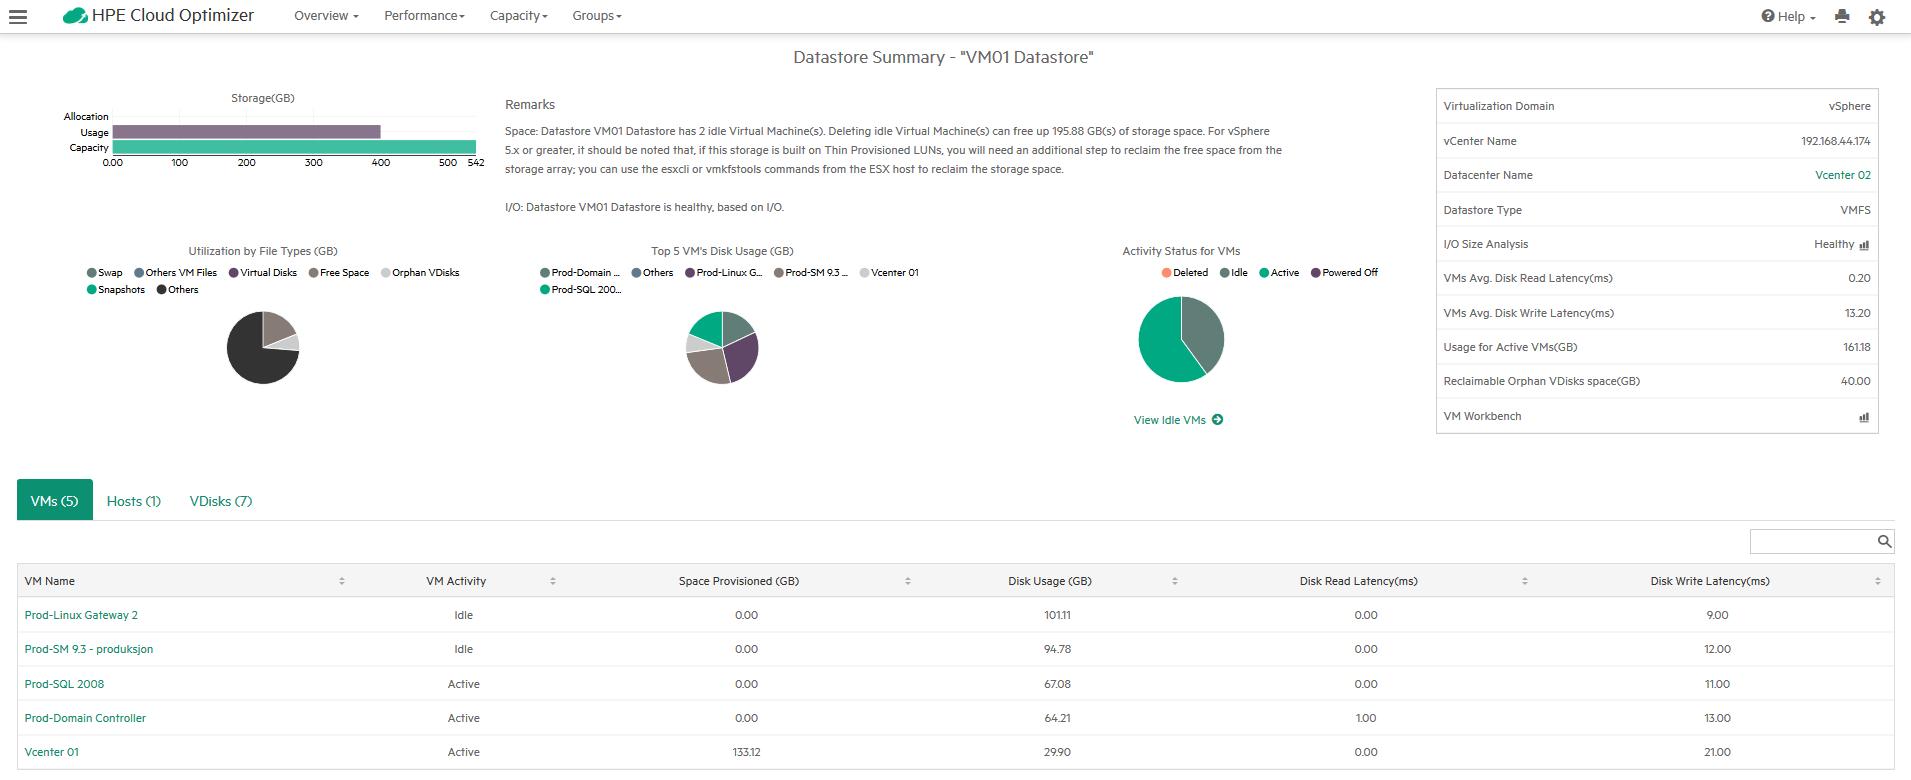 cloudoptimizer_datastore